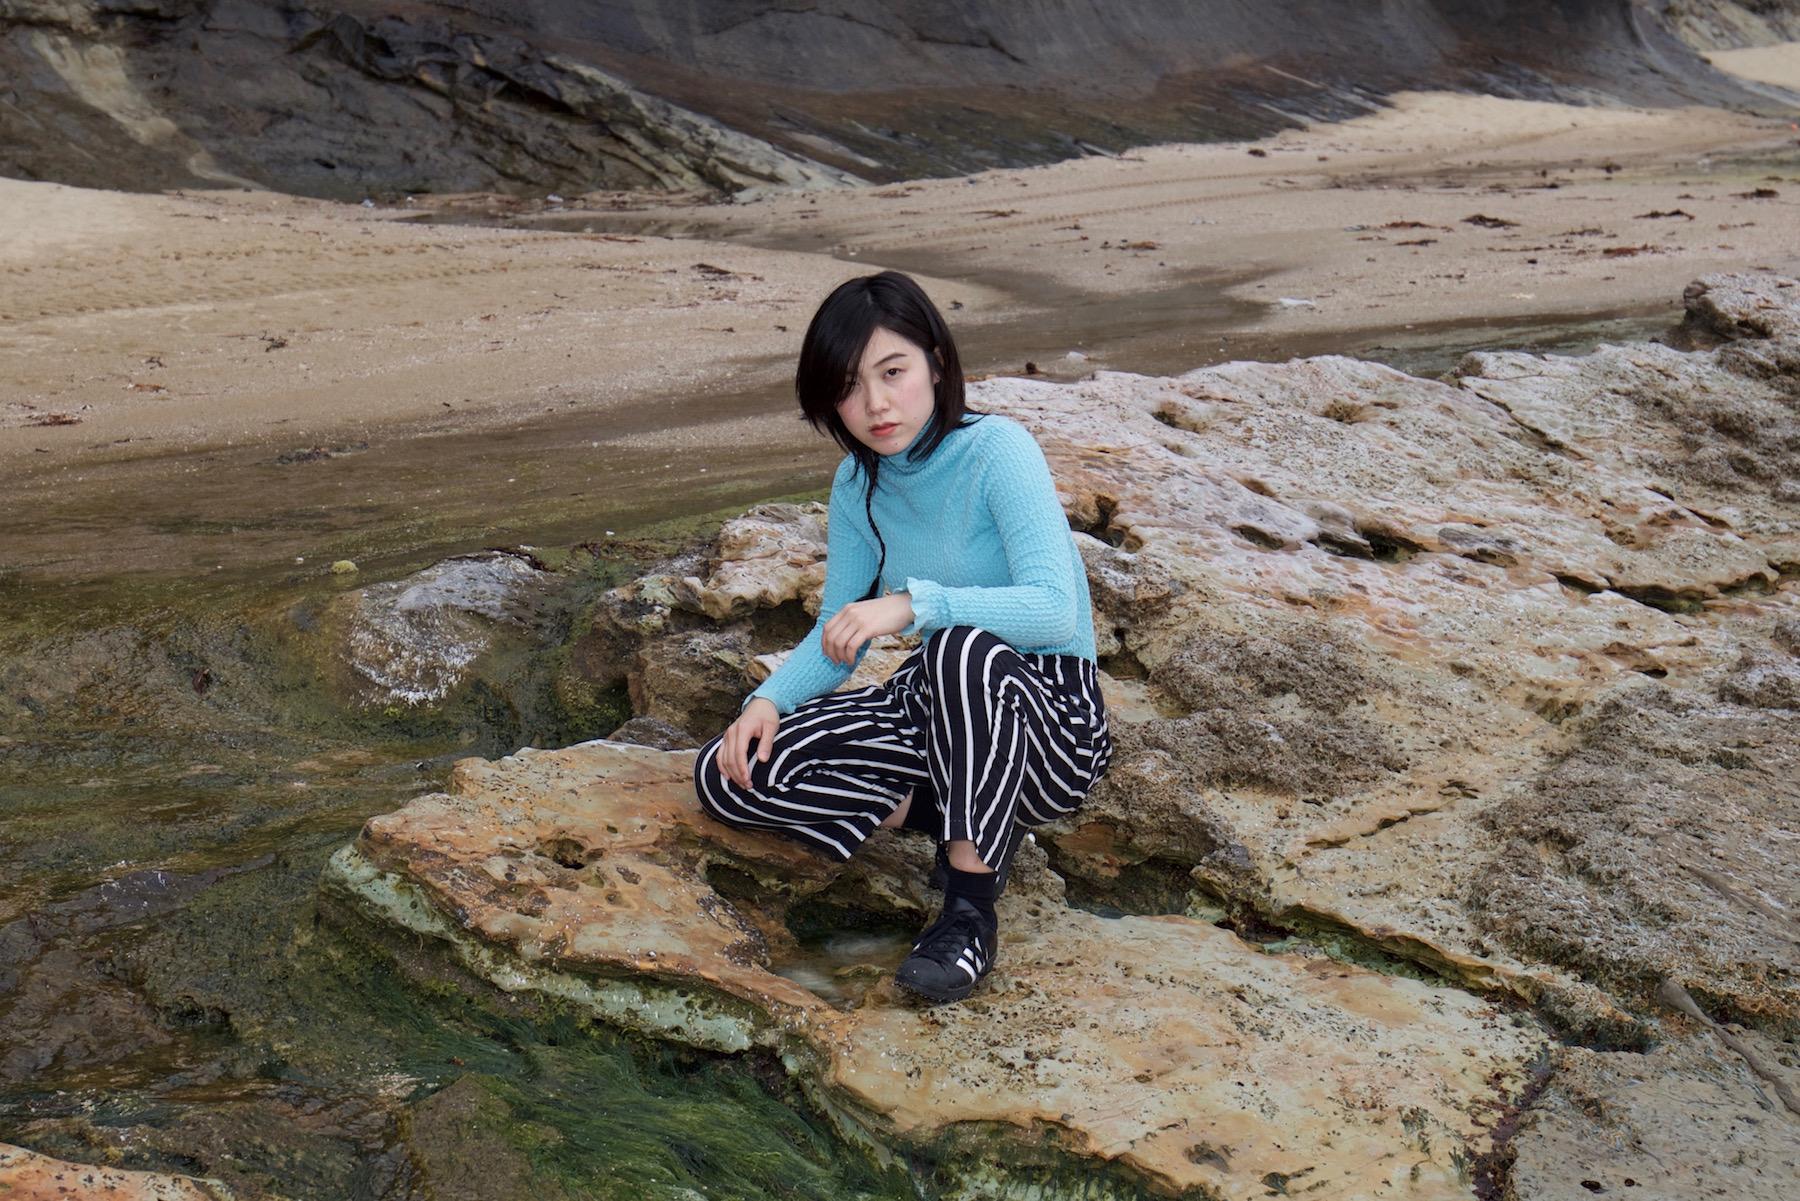 マンチェスターを拠点に活動する京都出身のシンガーソングライター。  https://soundcloud.com/ntski